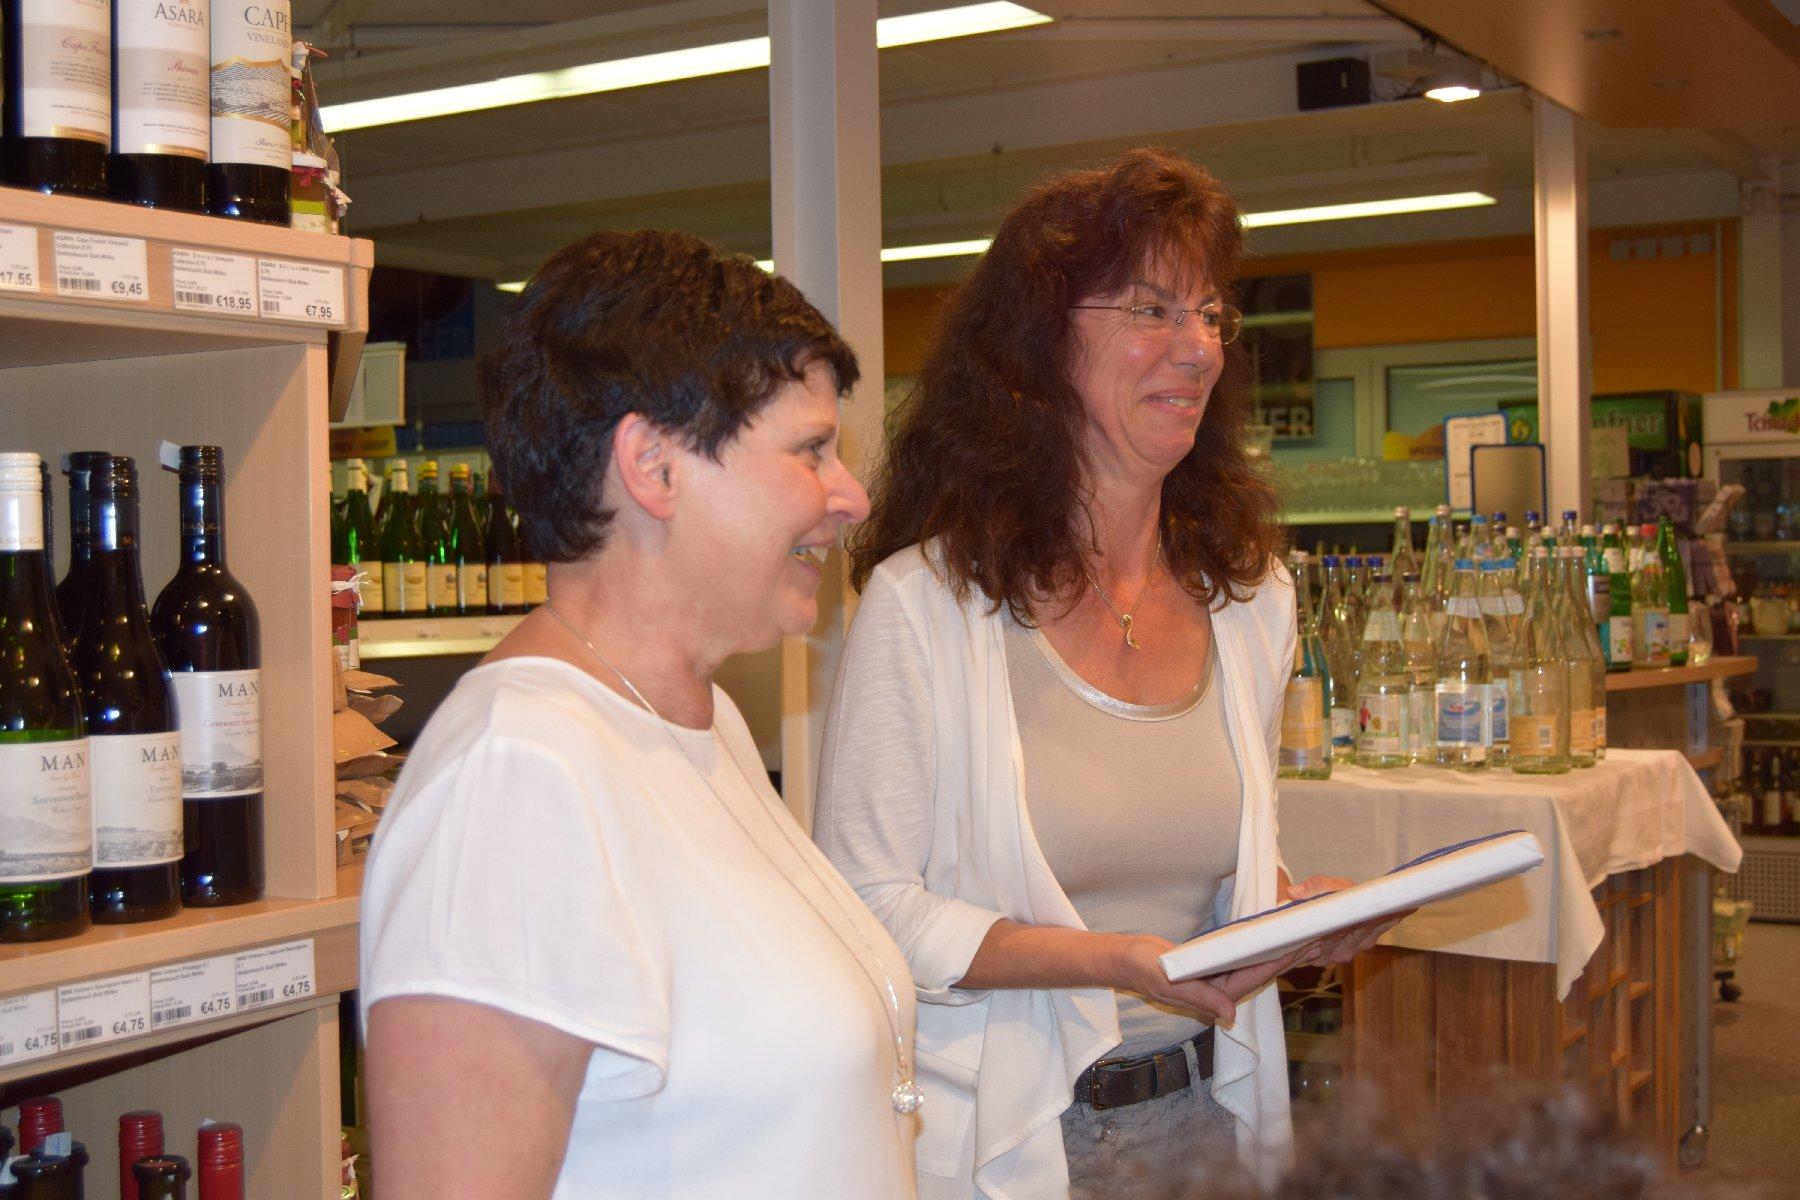 07-16 Wasserseminar - ein herzliches Dankeschön an Ingrid Schäfer